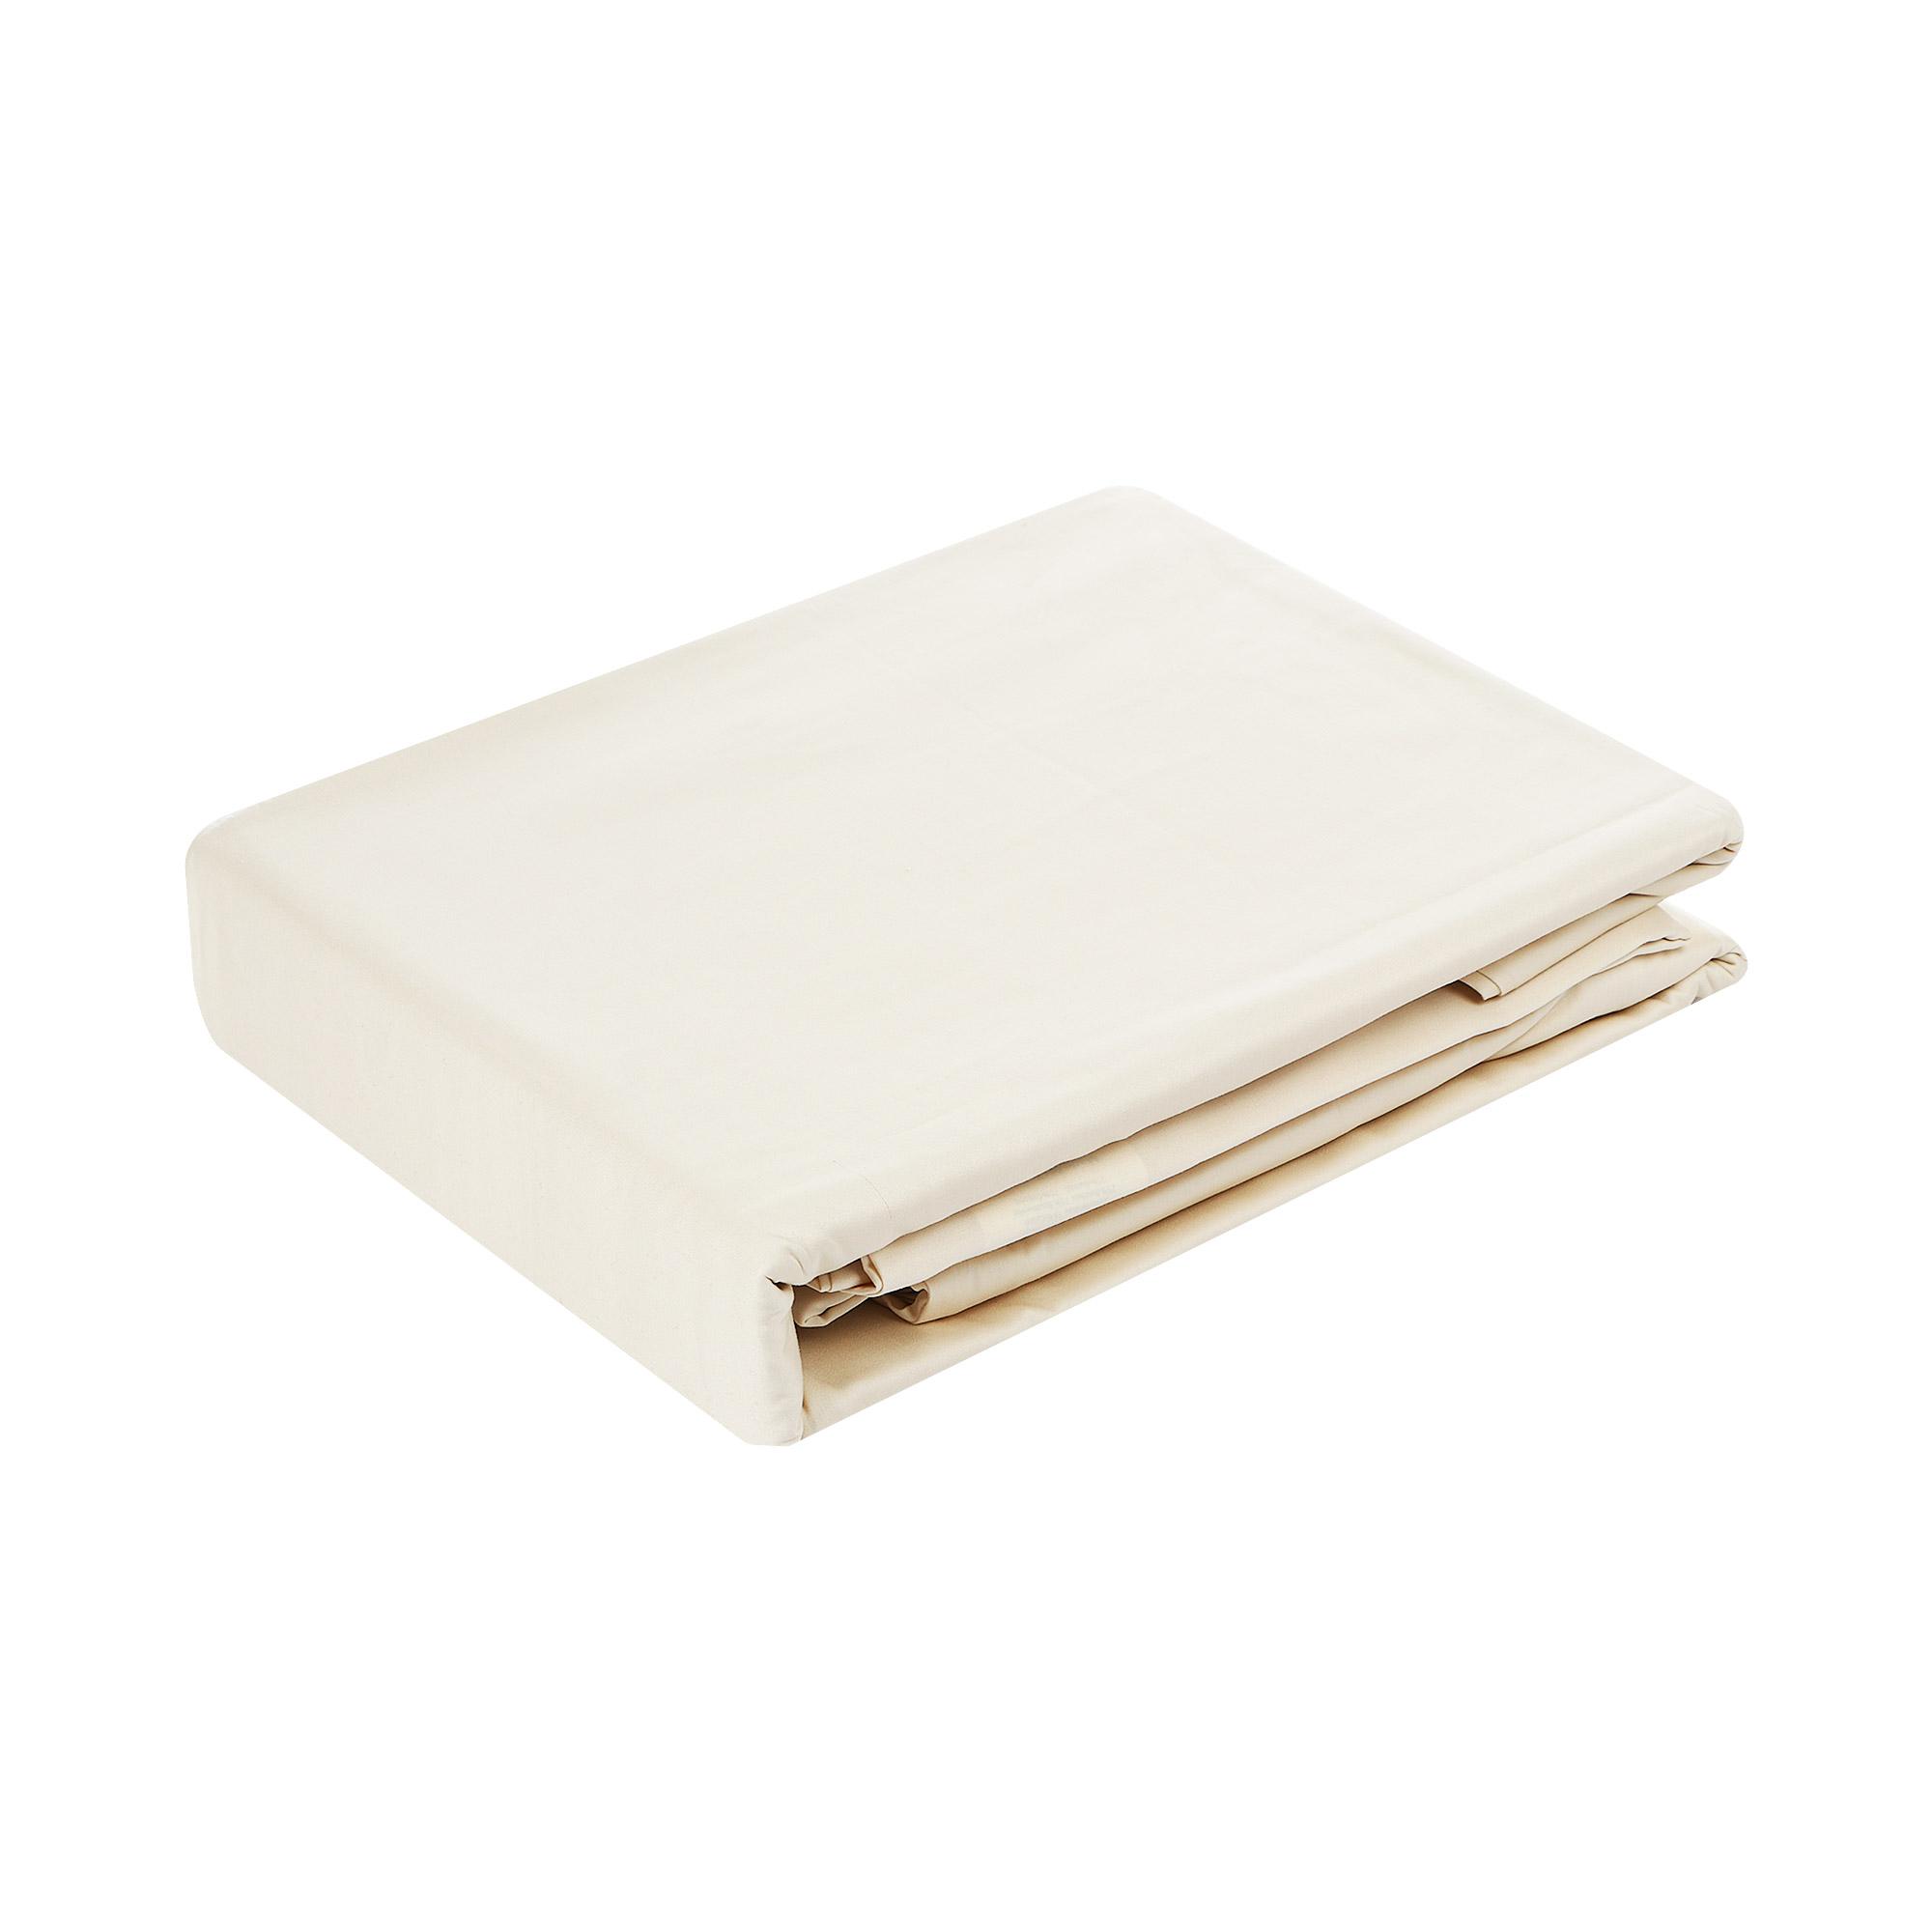 Постельный комплект Wonne traum elegance pastel vanila семейный молочный